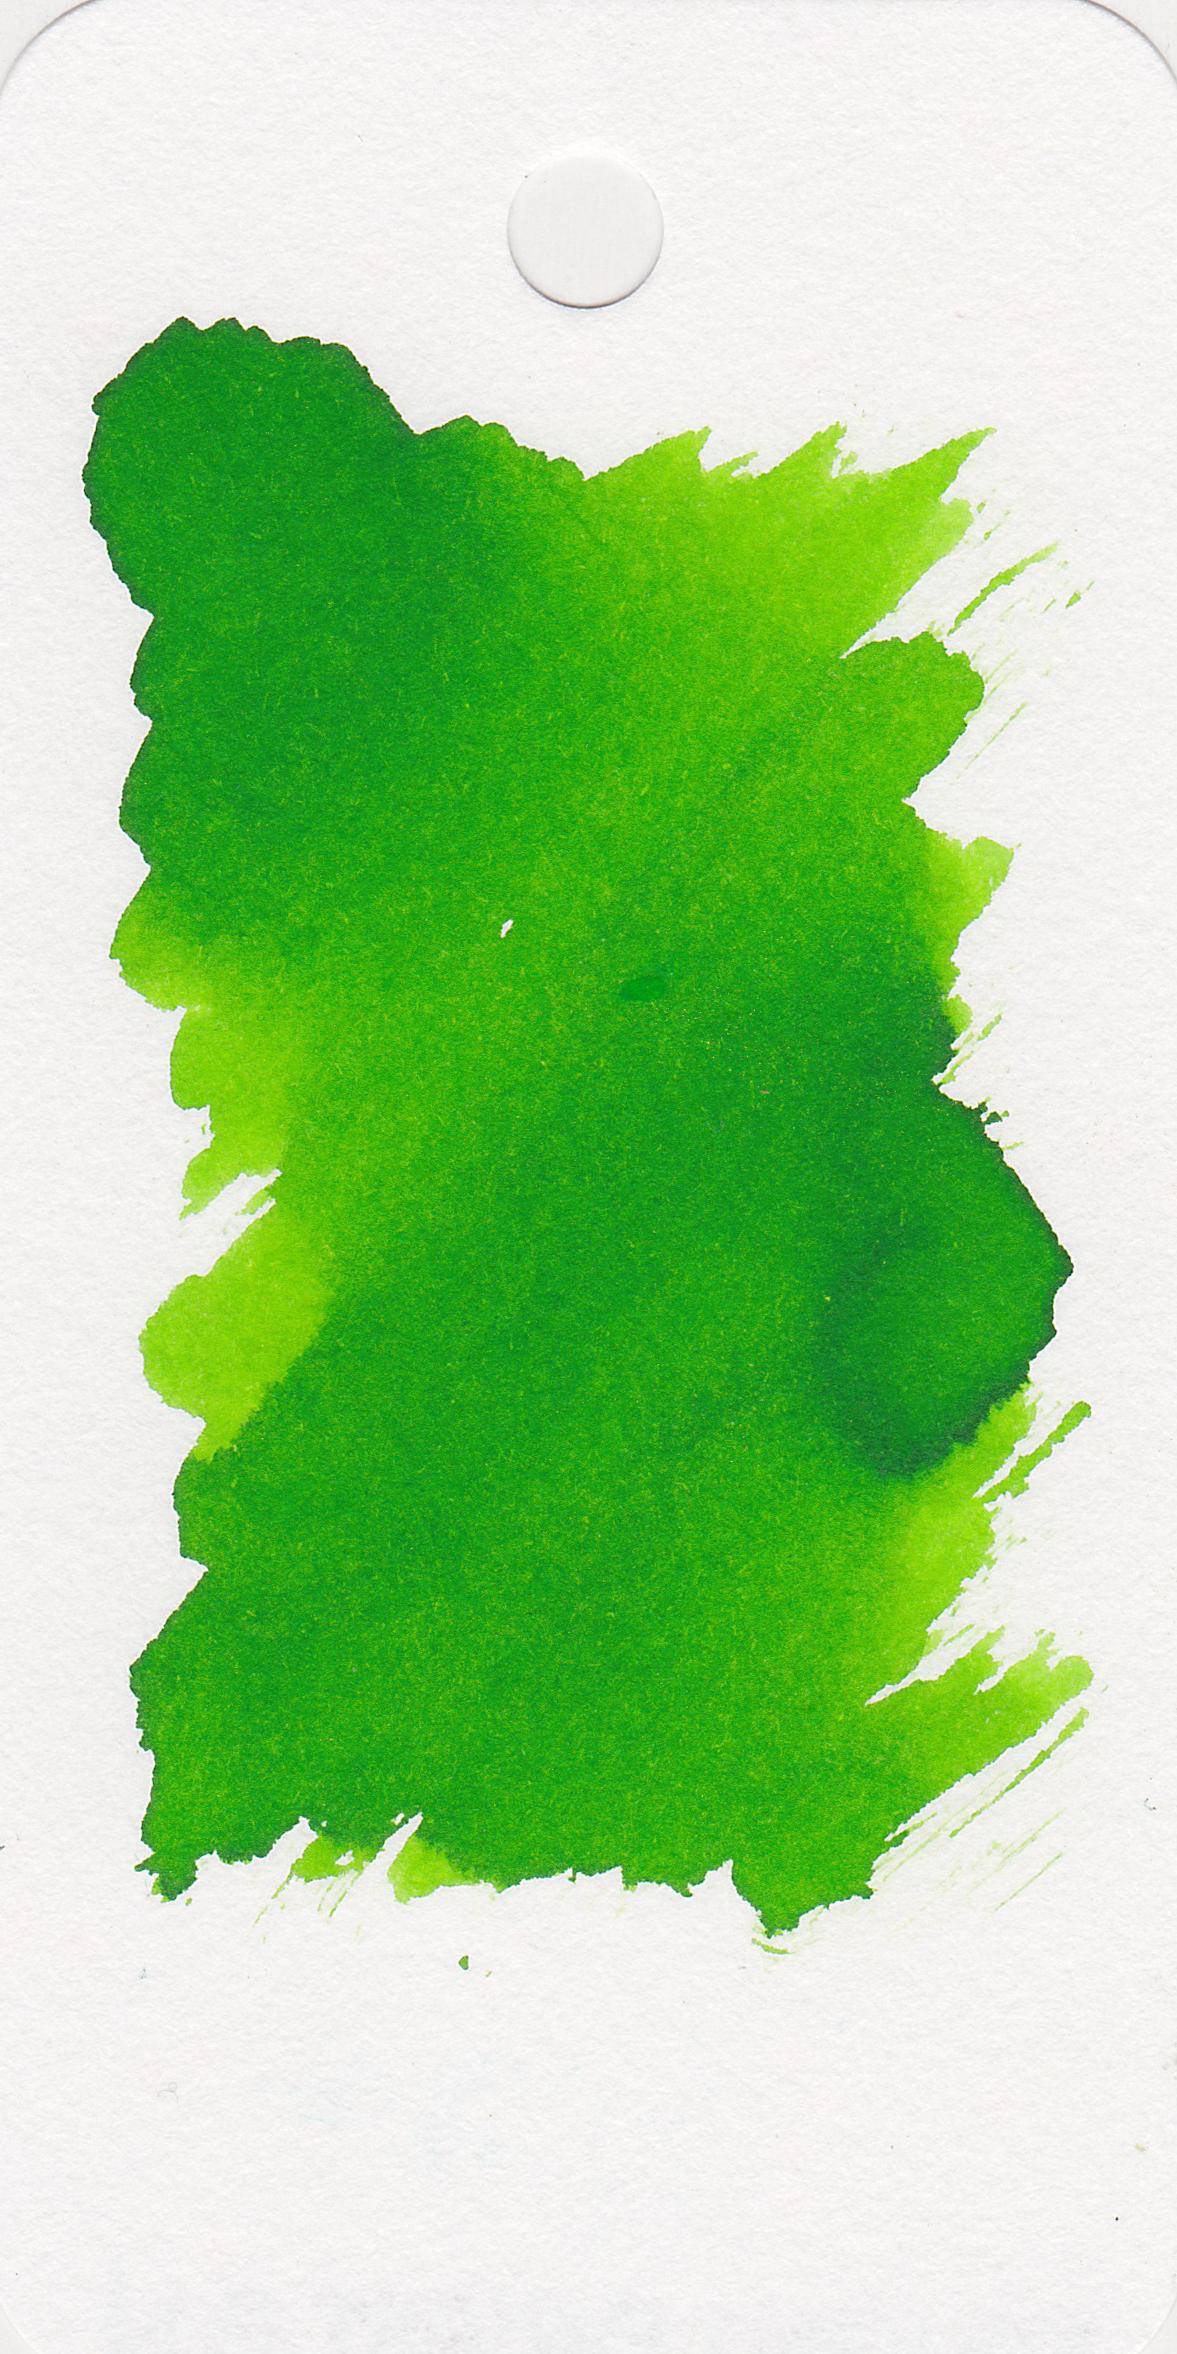 ro-green-green-6.jpg